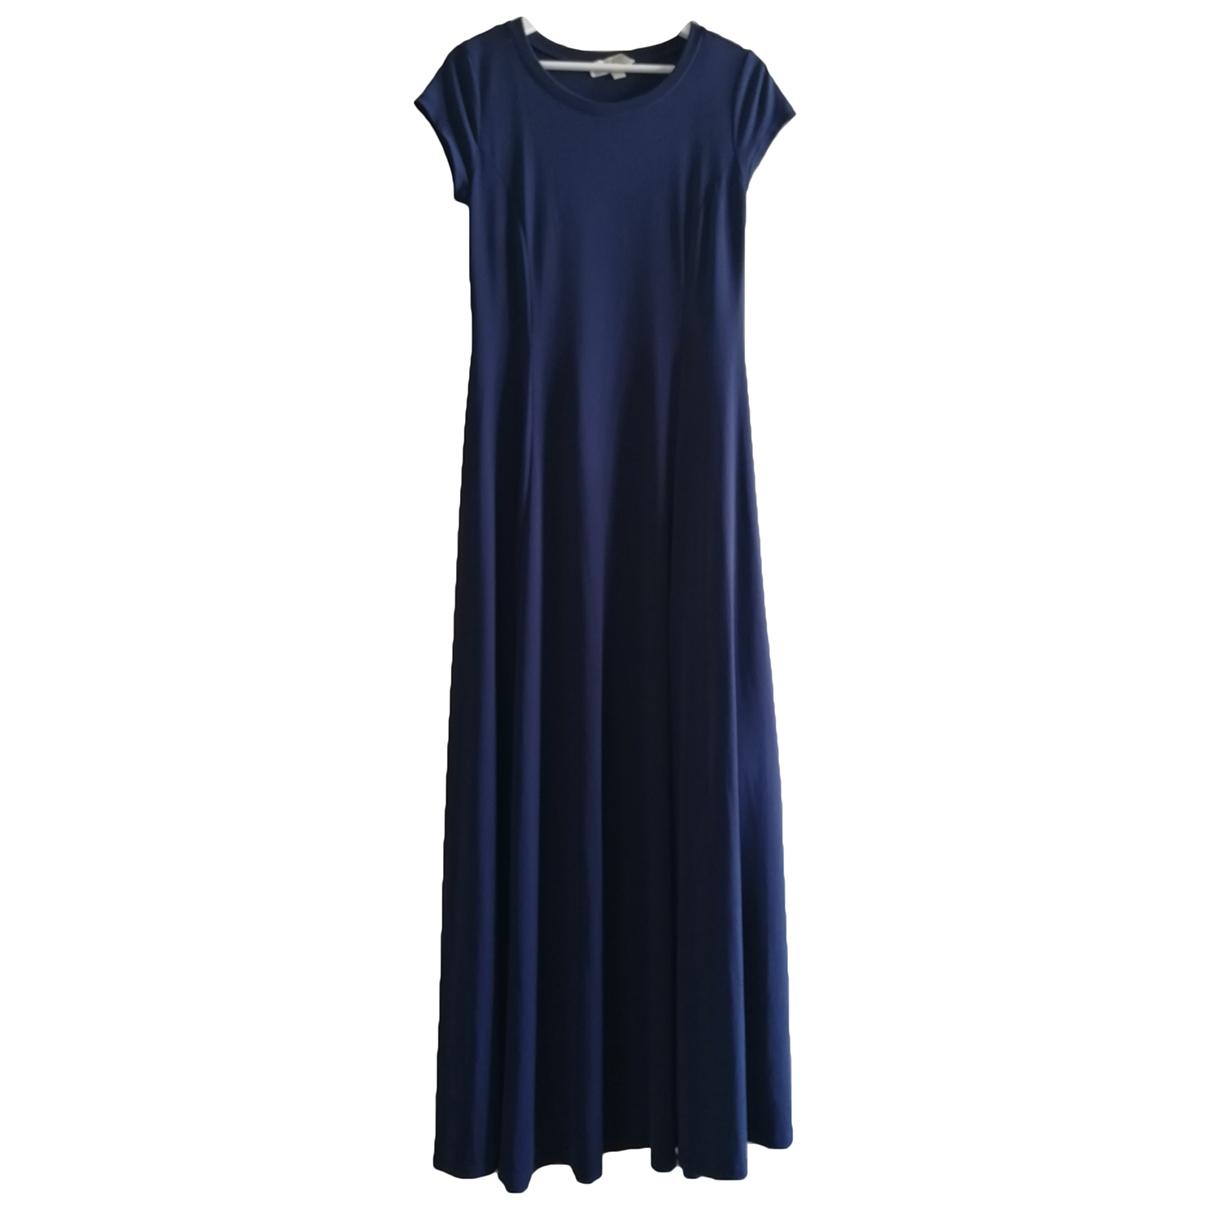 Michael Kors \N Kleid in  Blau Polyester